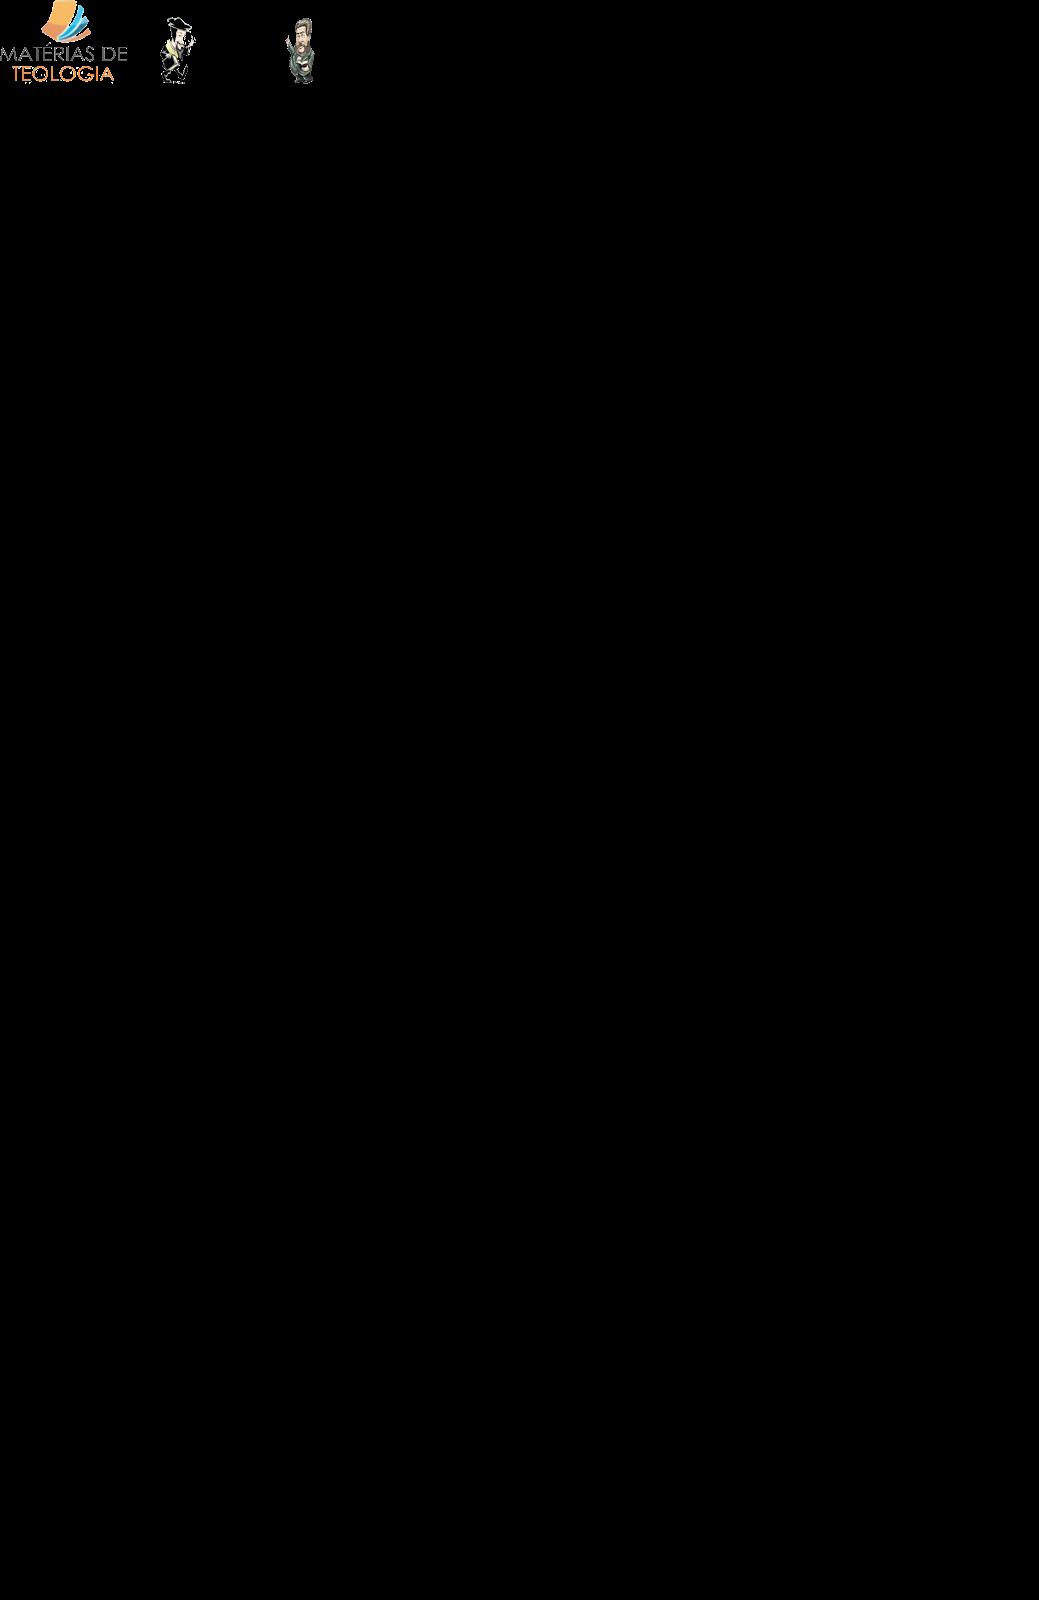 MATÉRIAS DE TEOLOGIA